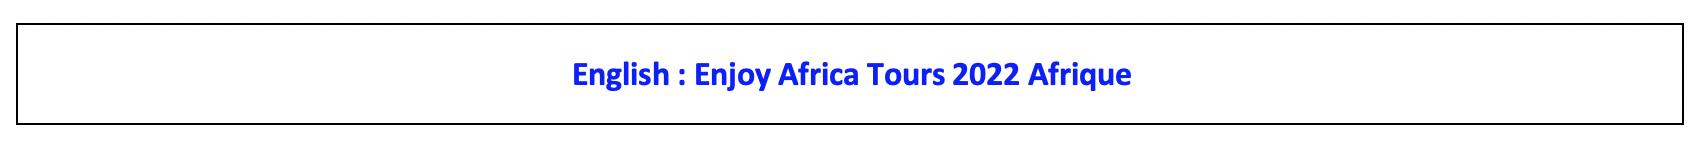 Enjoy Africa Tours English 2022